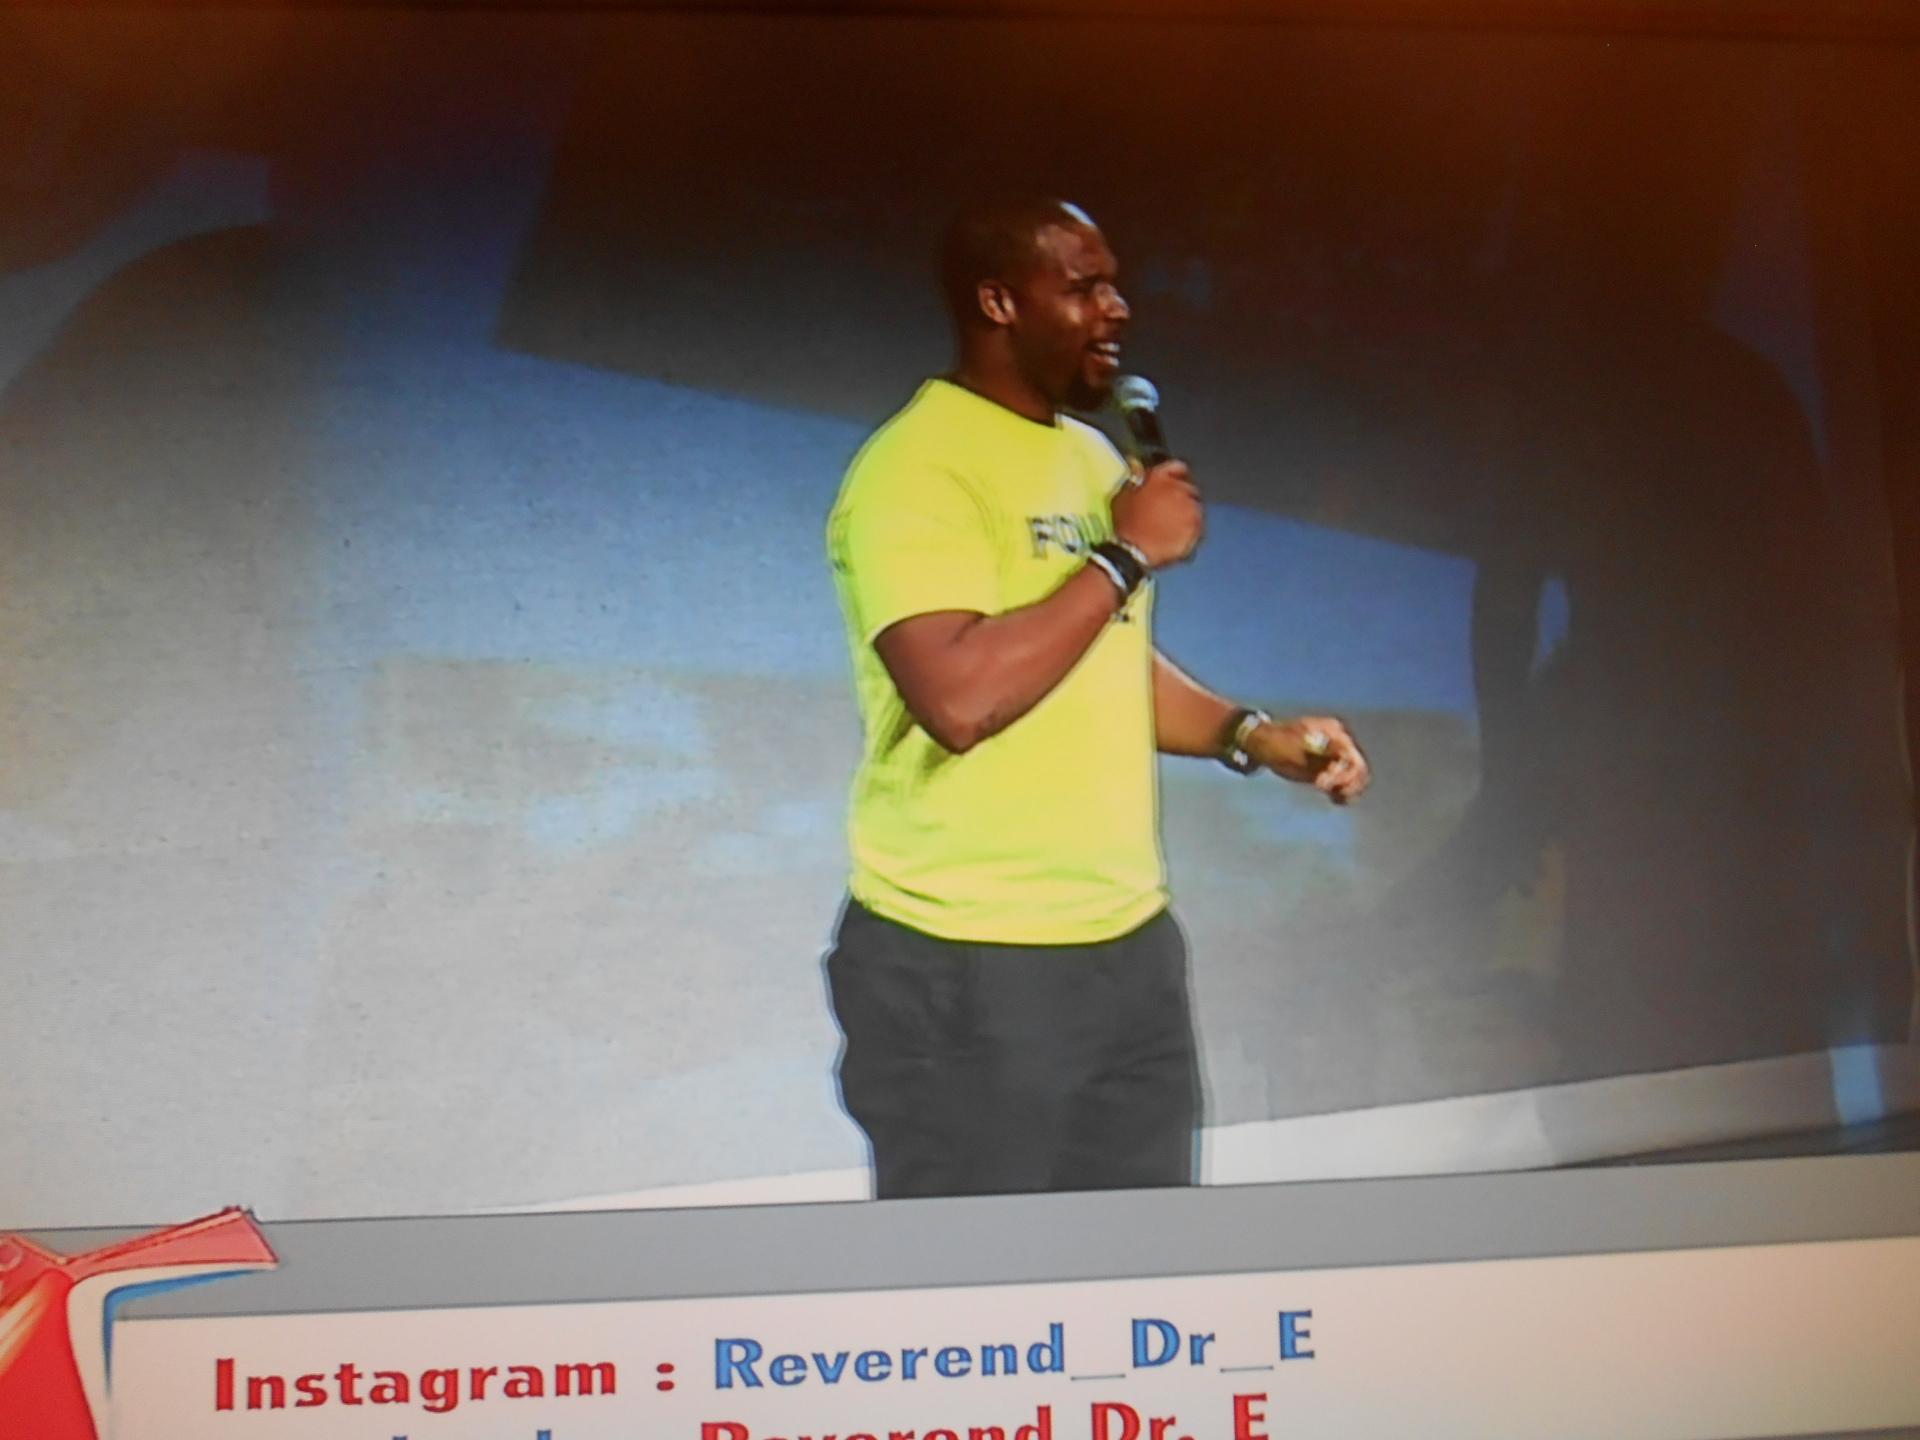 Reverend Dr. E